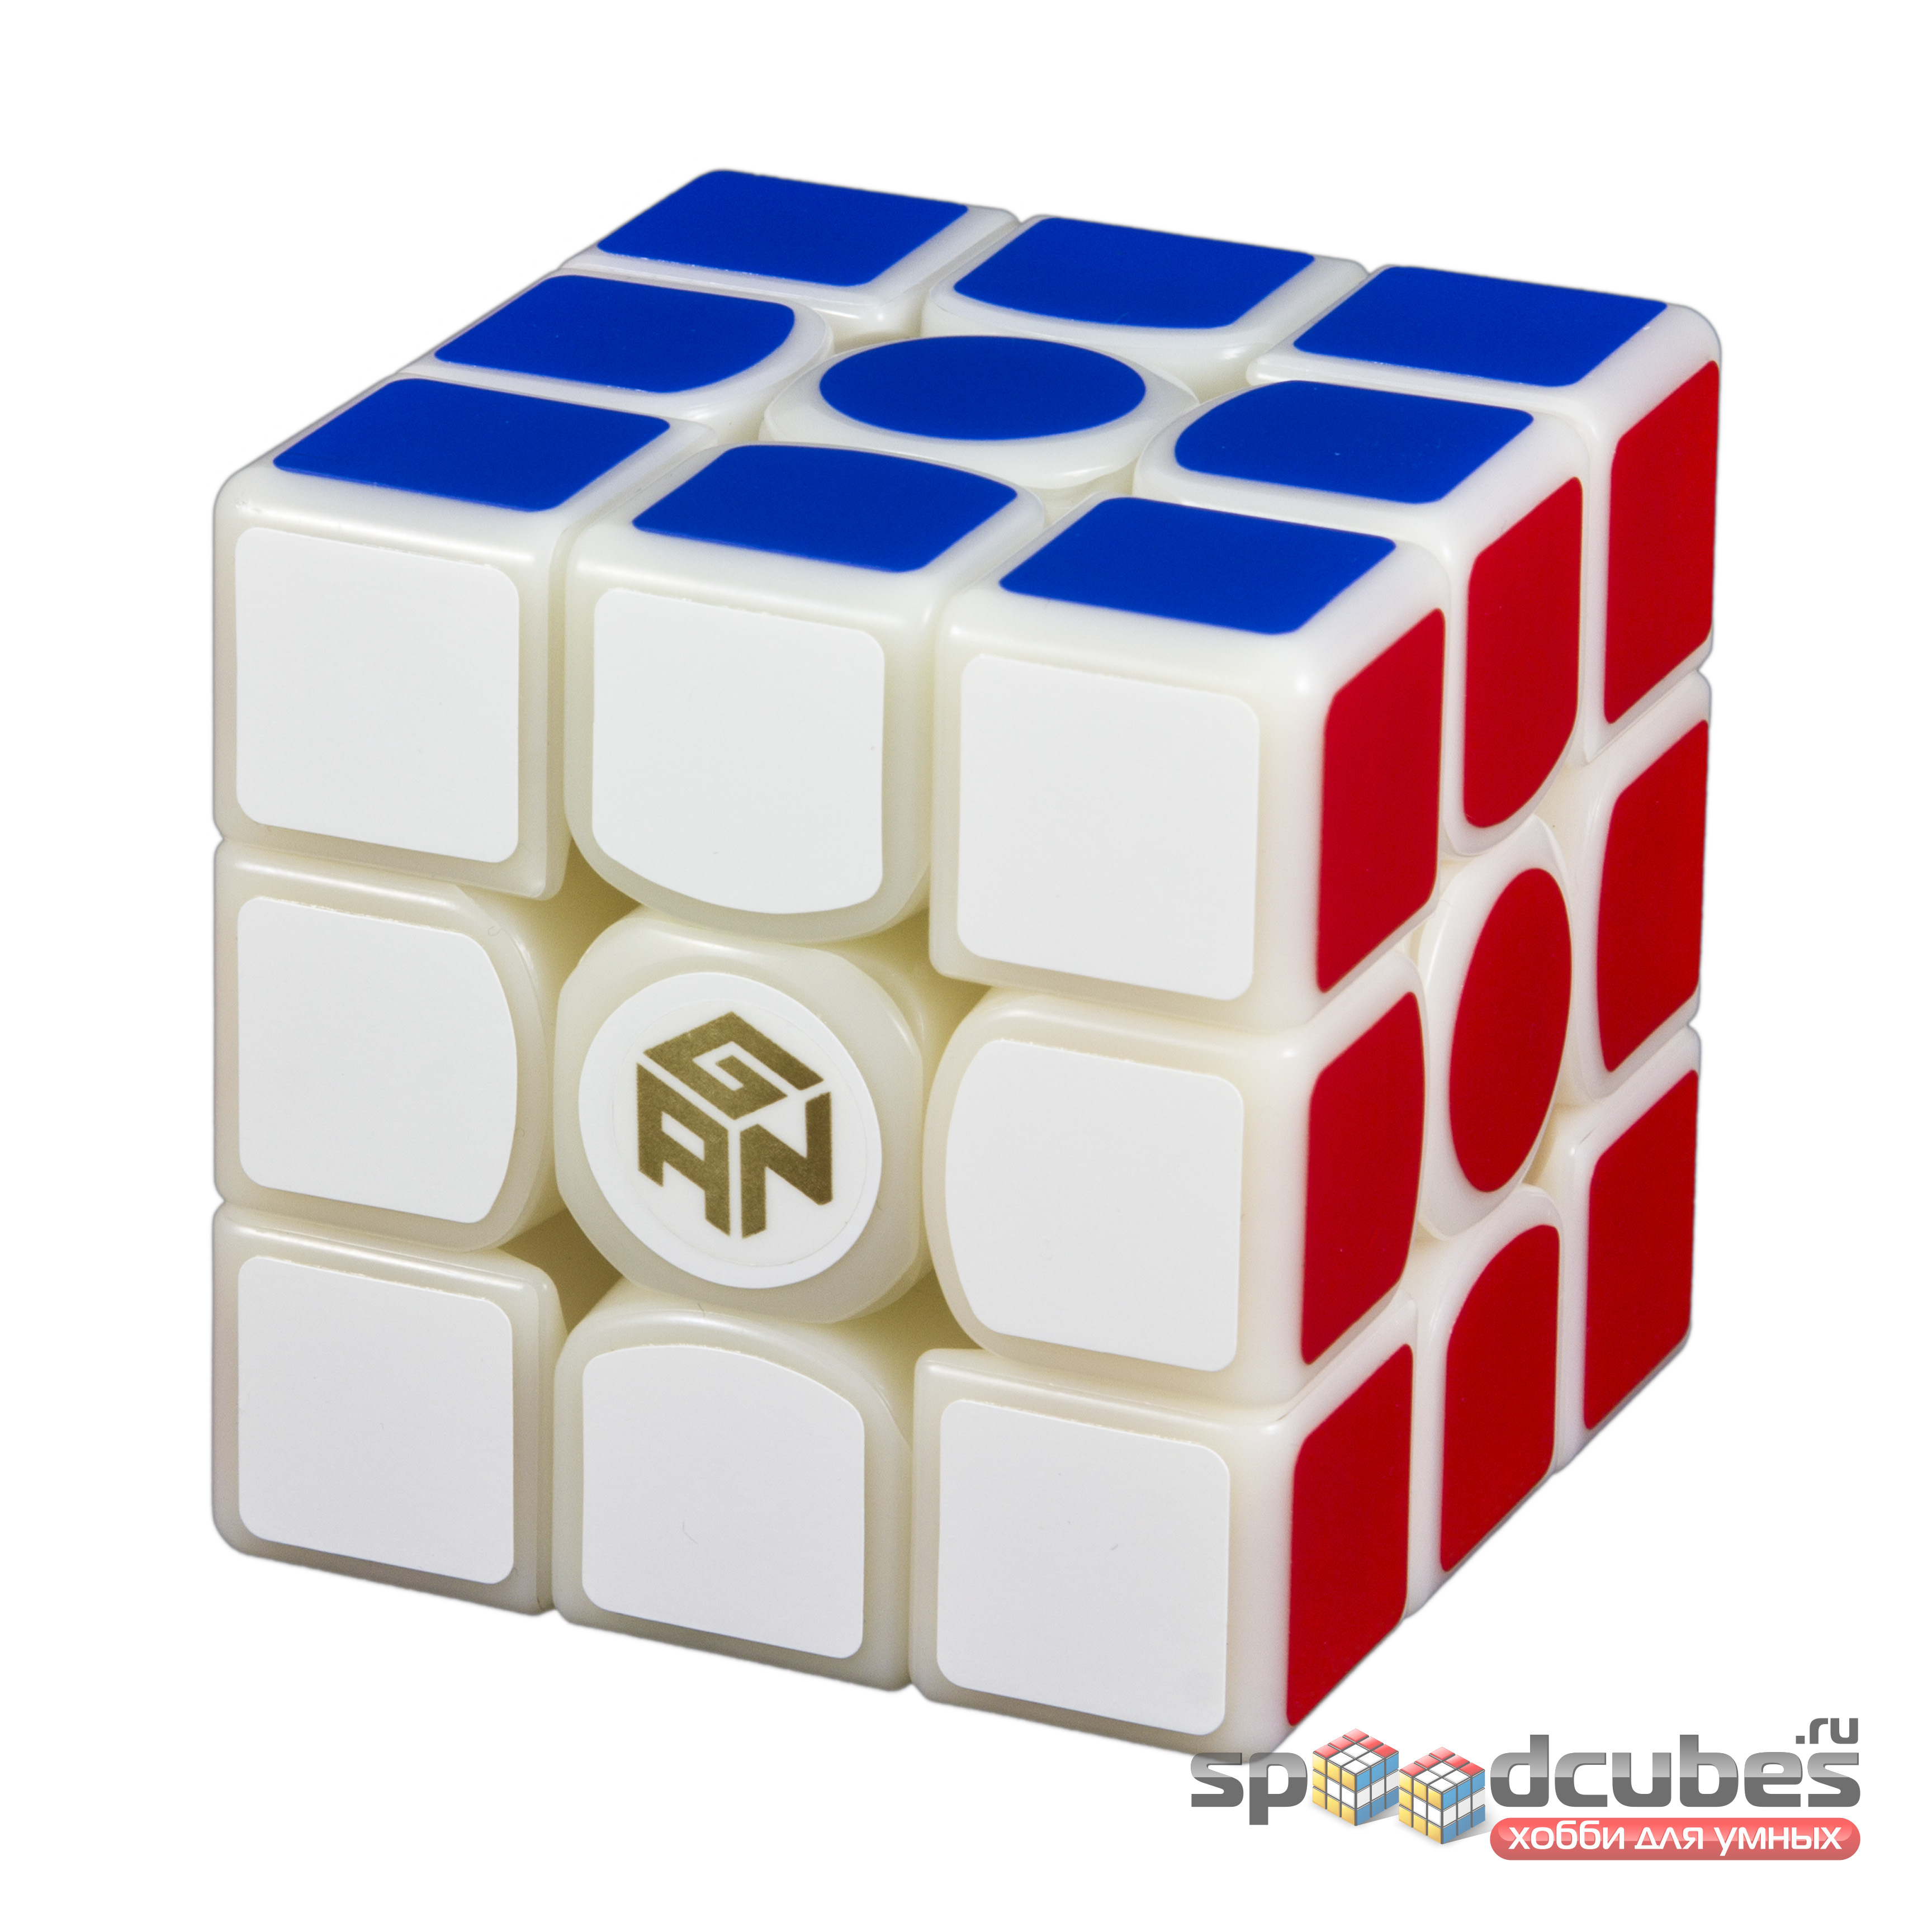 Gan 356s Lite 3x3x3 Primary 3